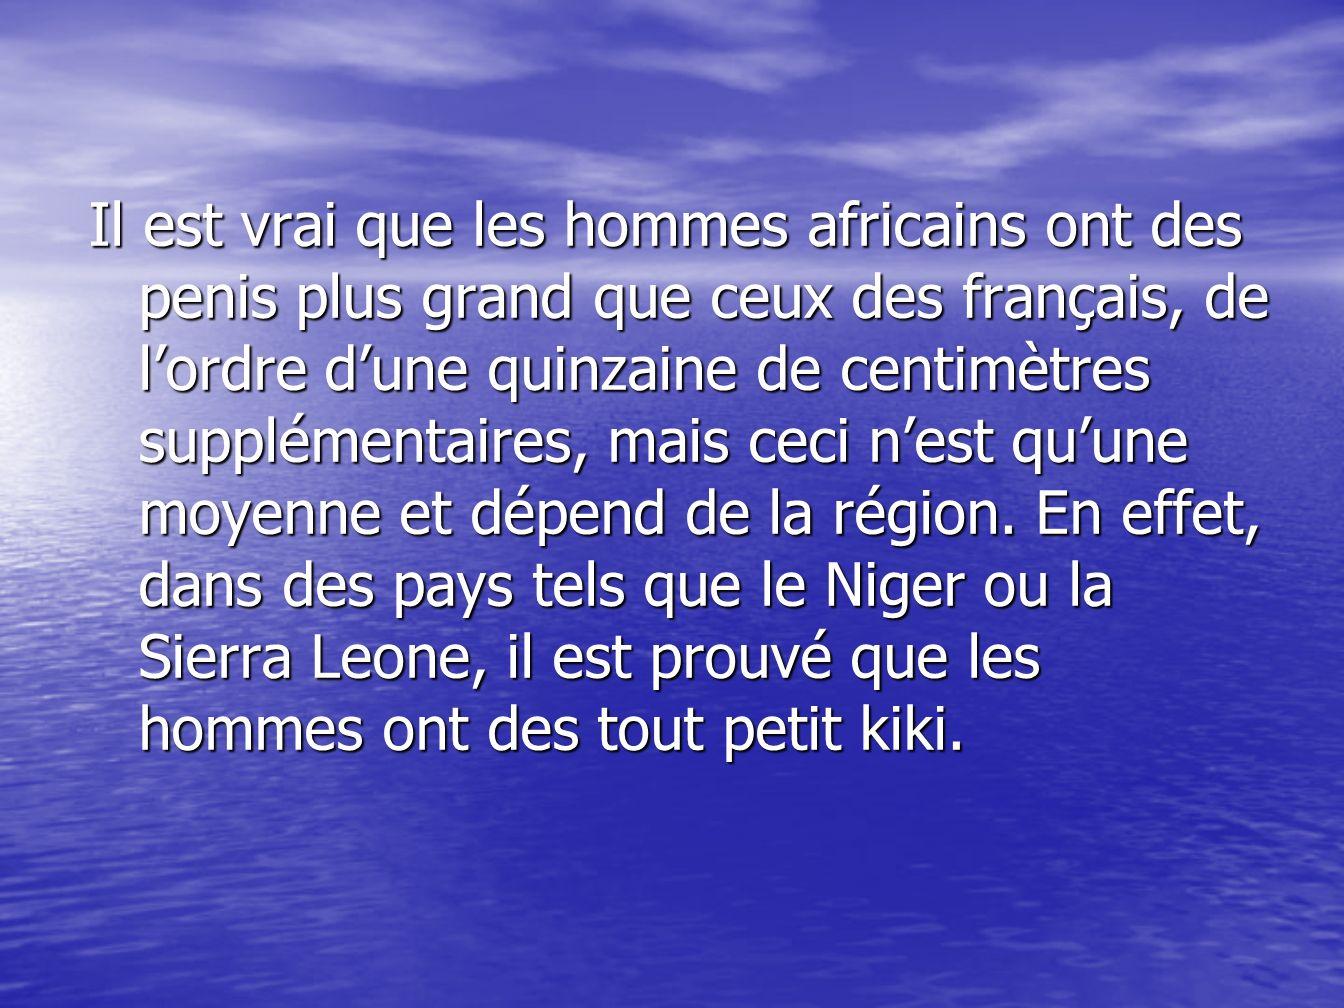 Il est vrai que les hommes africains ont des penis plus grand que ceux des français, de lordre dune quinzaine de centimètres supplémentaires, mais cec